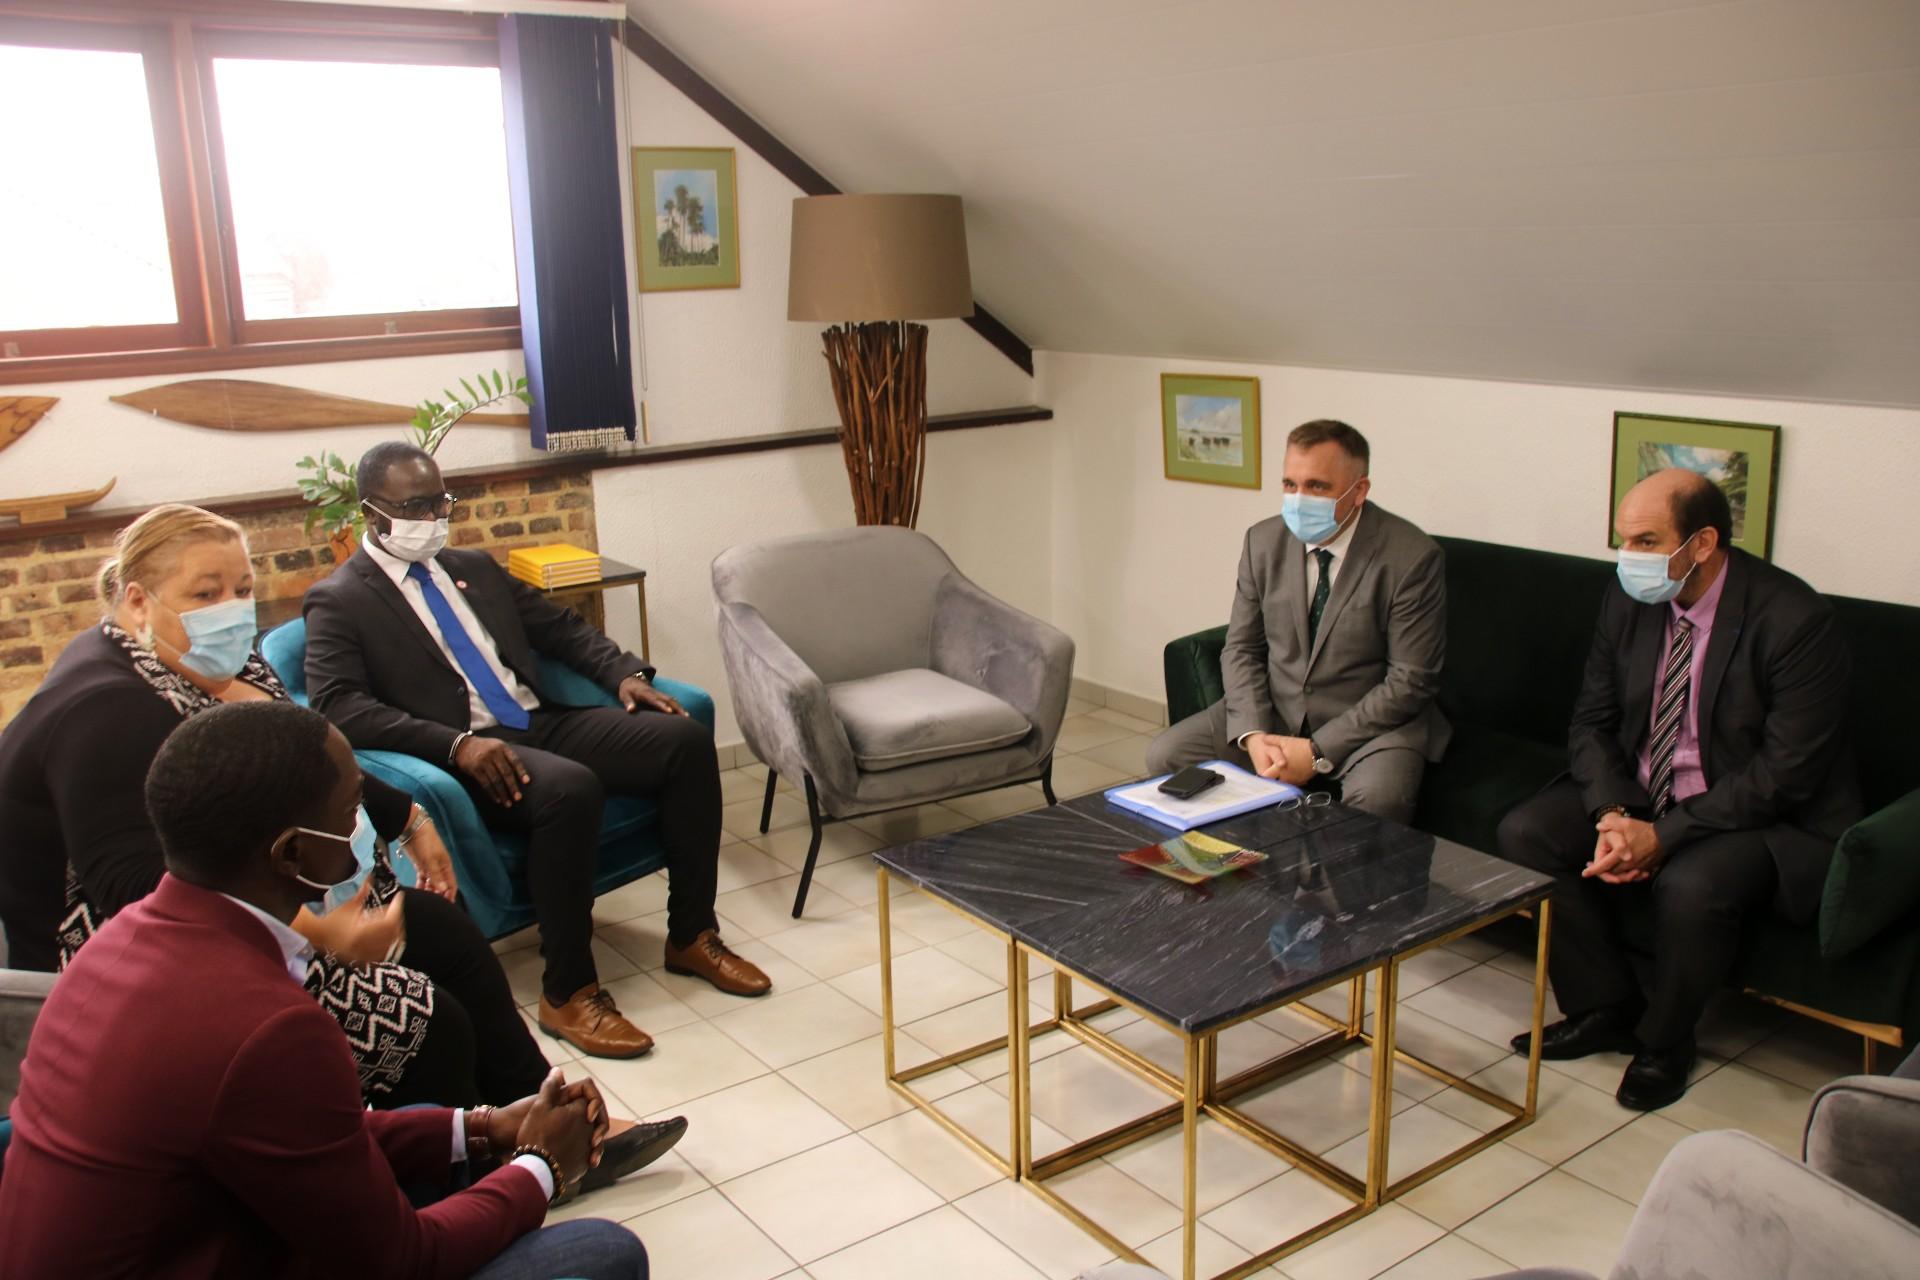 #Institutionnel : Première rencontre officielle entre Sophie Charles, maire de Saint-Laurent du Maroni et Thierry Queffelec, préfet de Guyane